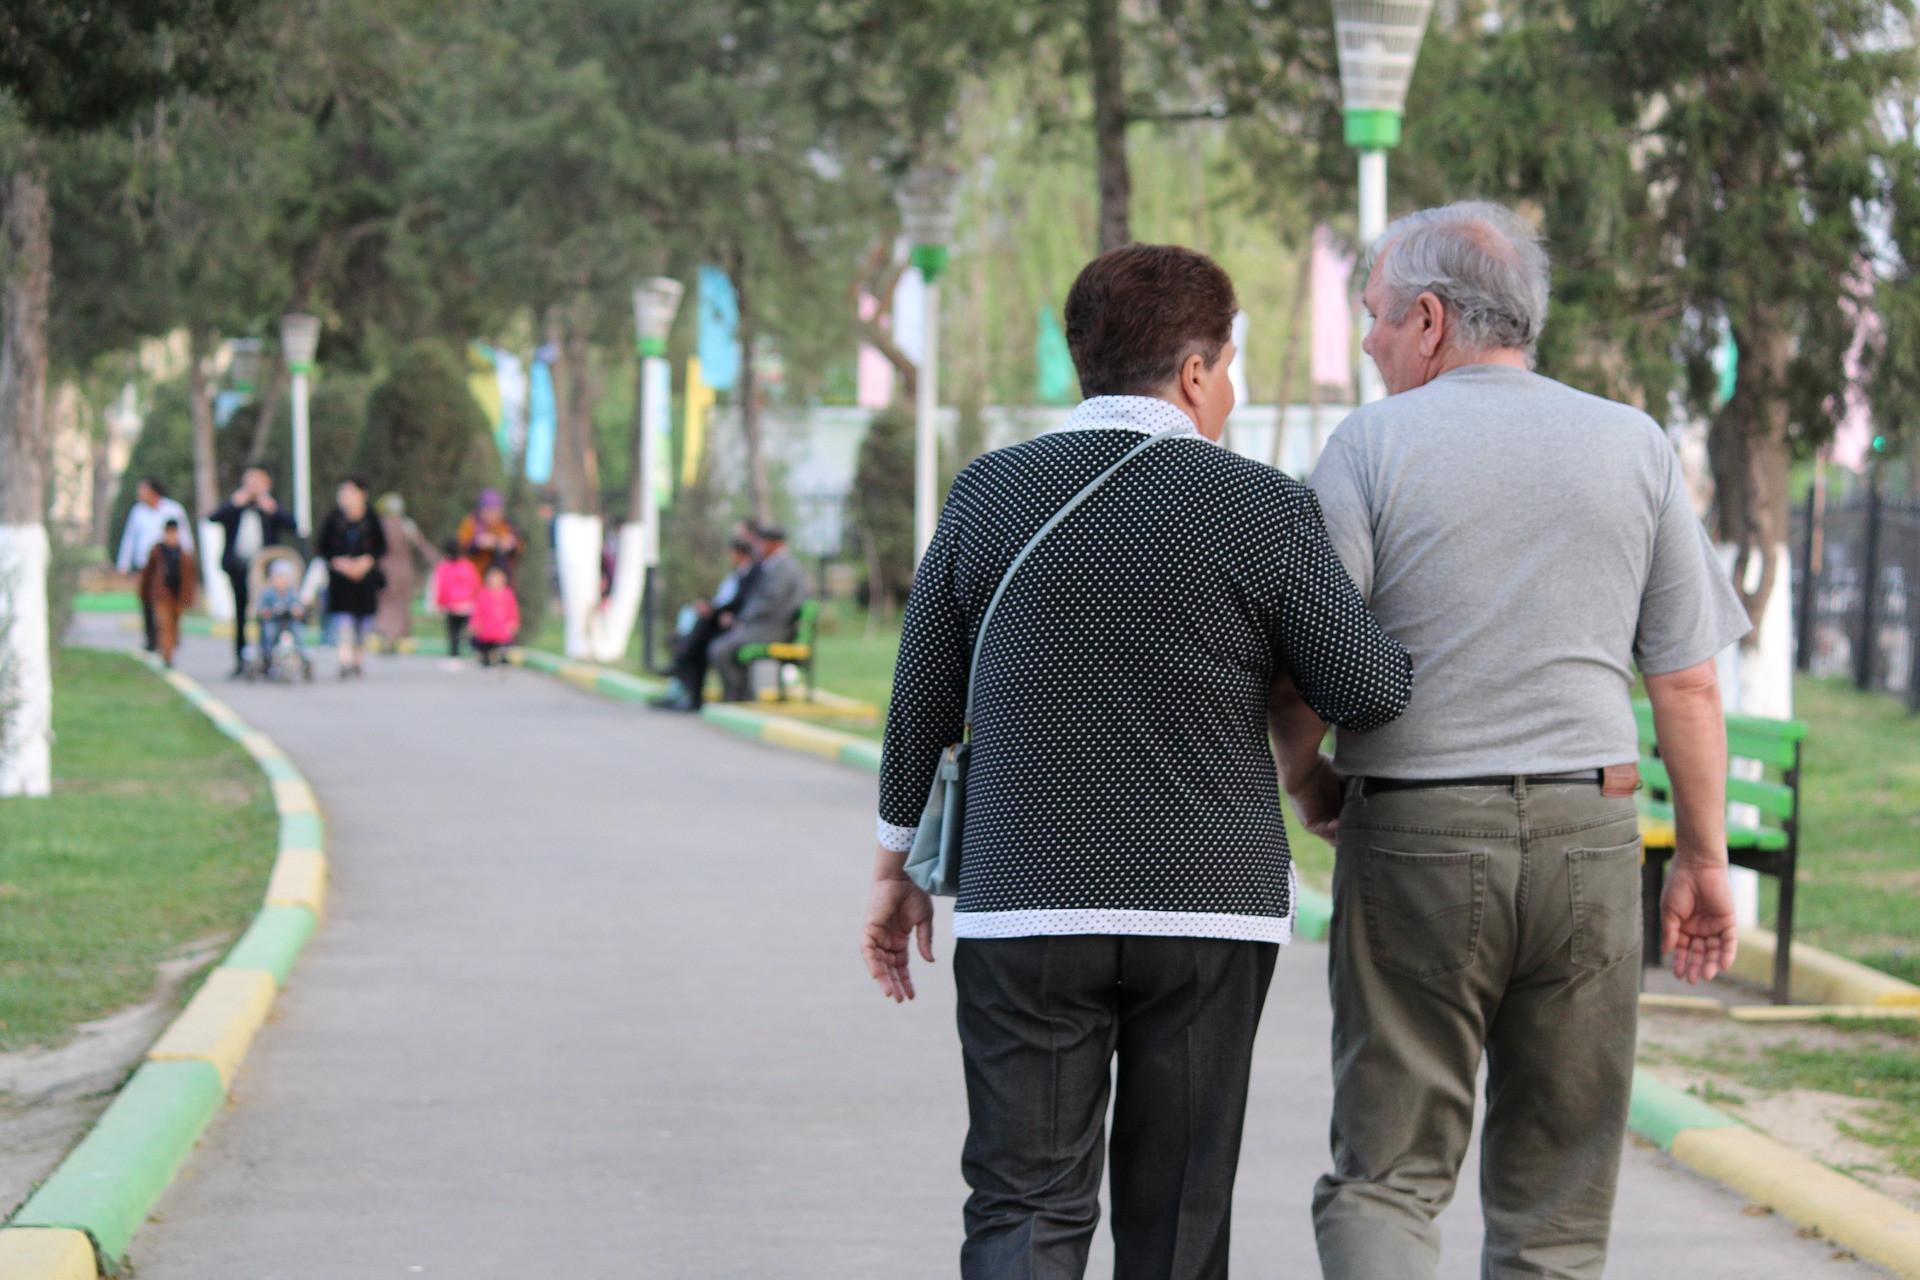 वृद्धावस्थामा यौन सक्रियता : कति जायज, कति नाजायज ?